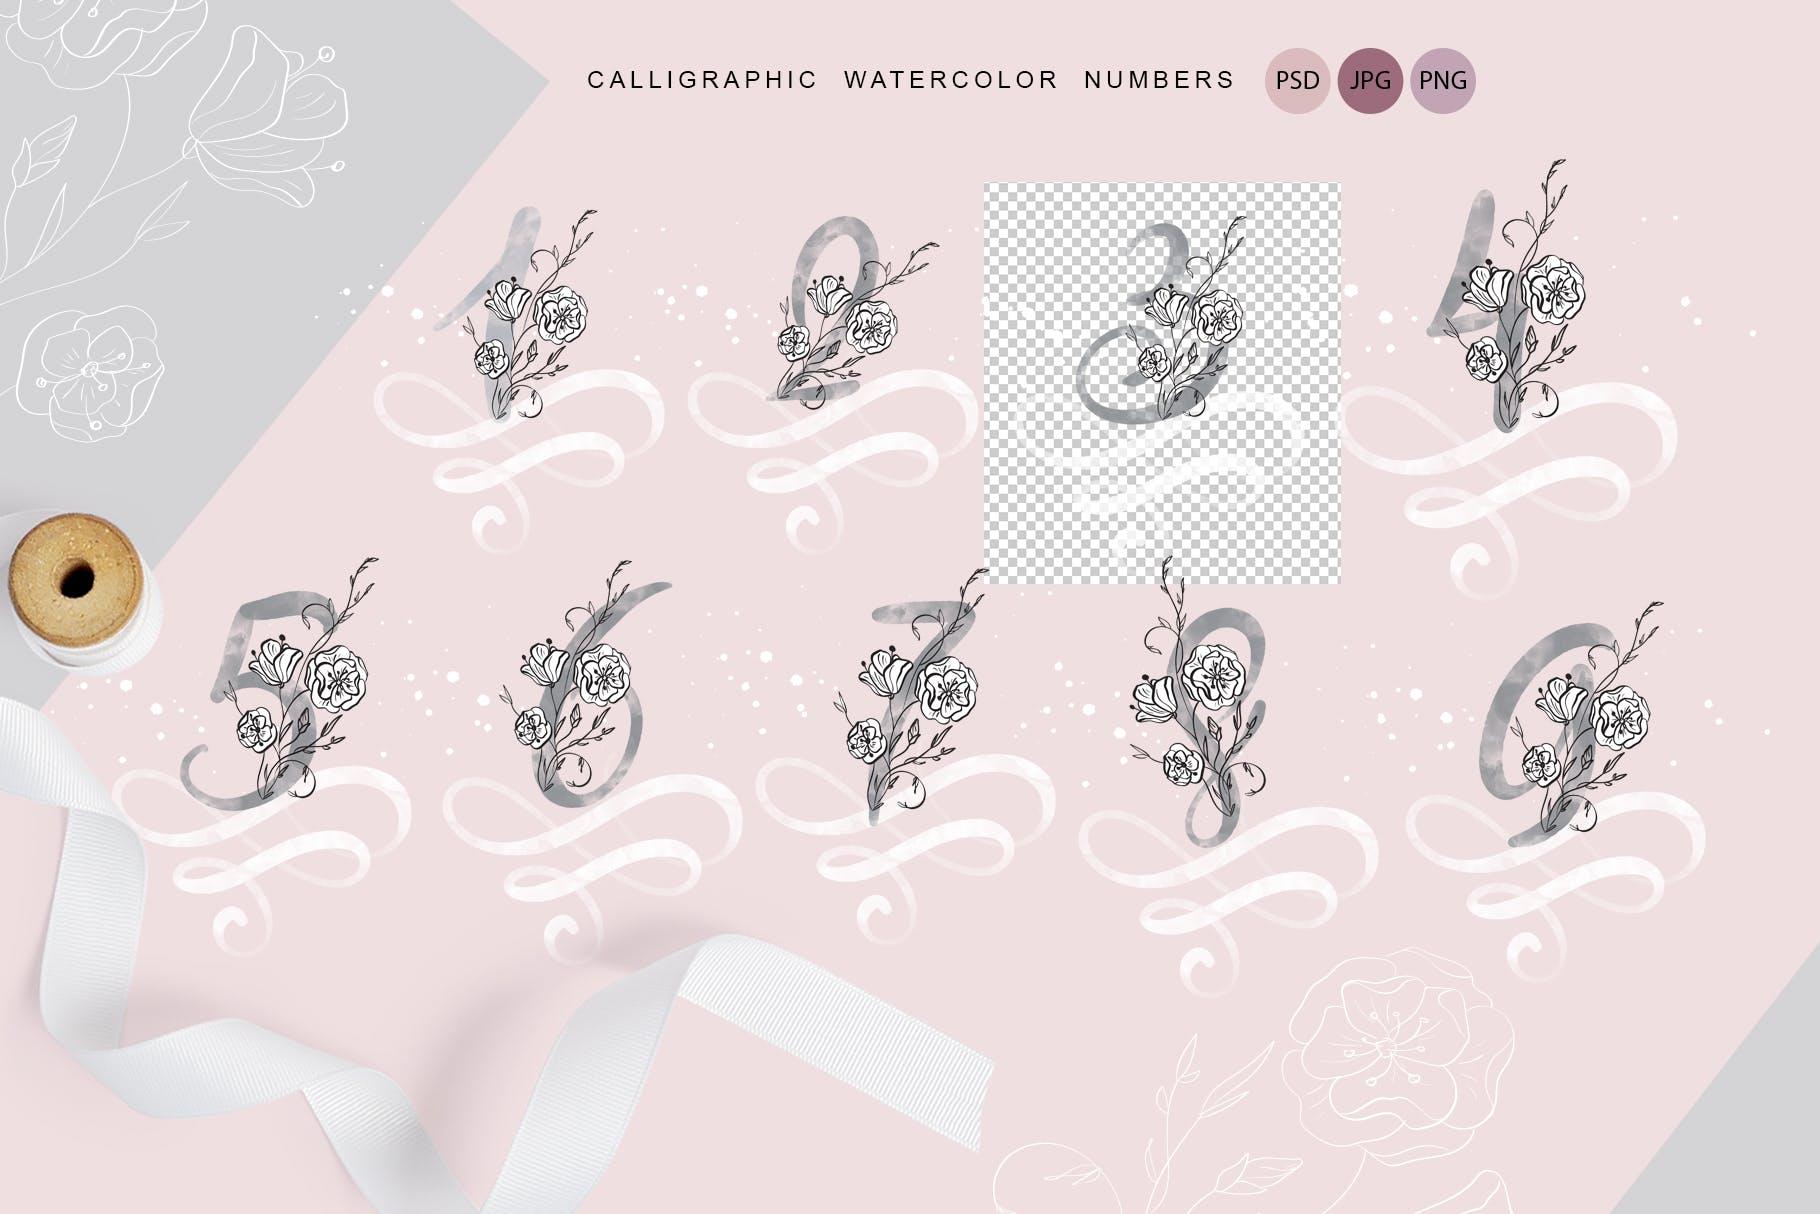 花卉字母水彩字母表装饰图案图片素材 Flowers Letters Watercolor Alphabet插图(2)